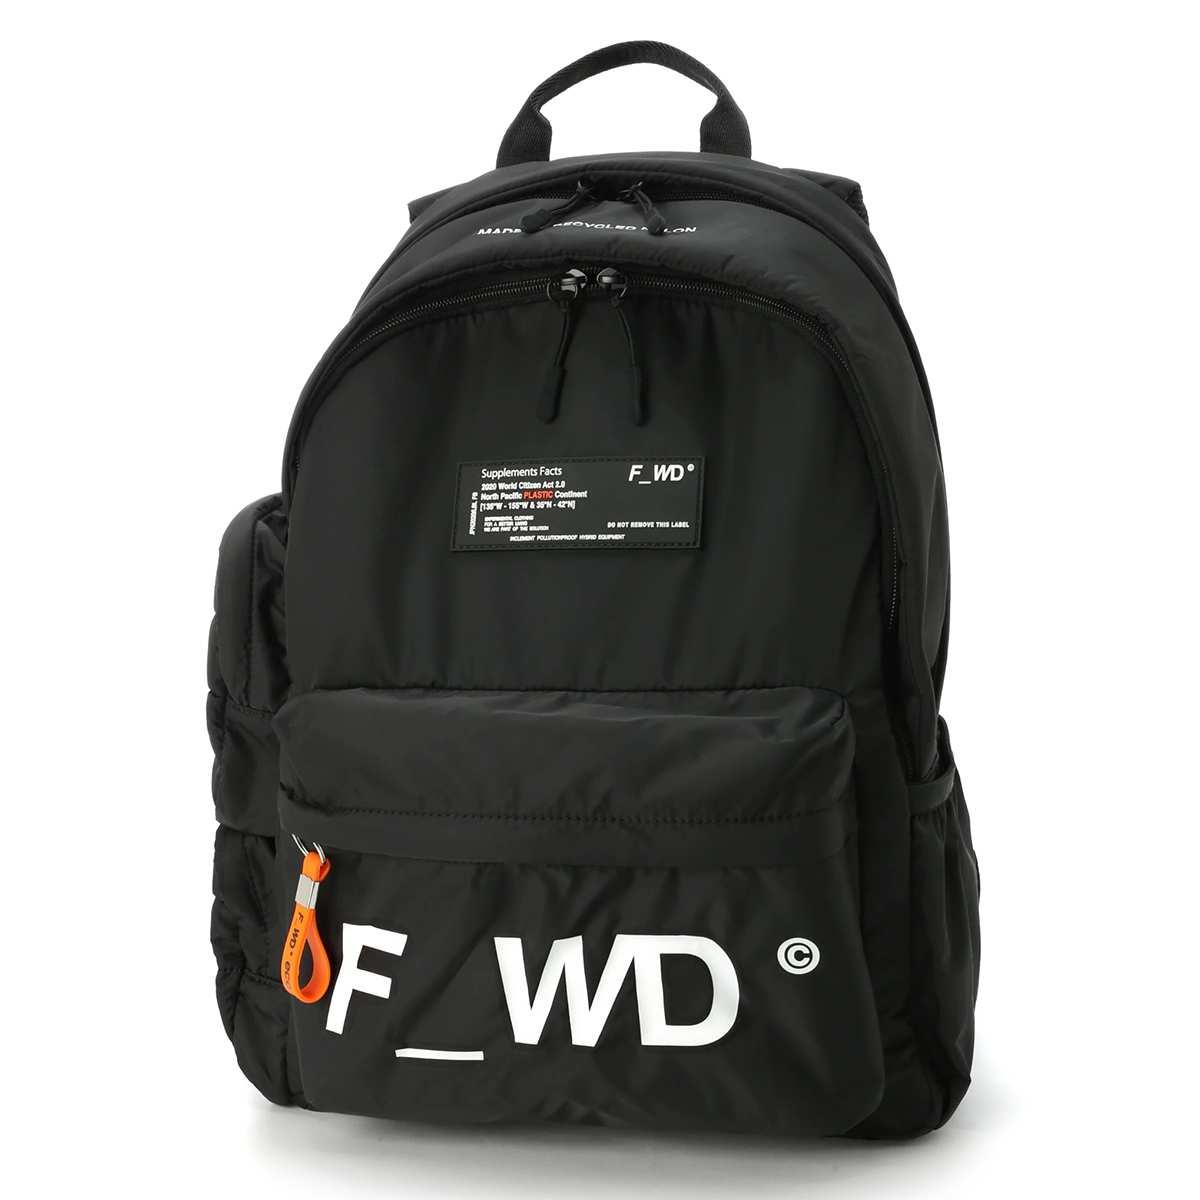 フォワード F_WD バックパック ブラック メンズ fwb34001 11201【あす楽対応_関東】【返品送料無料】【ラッピング無料】